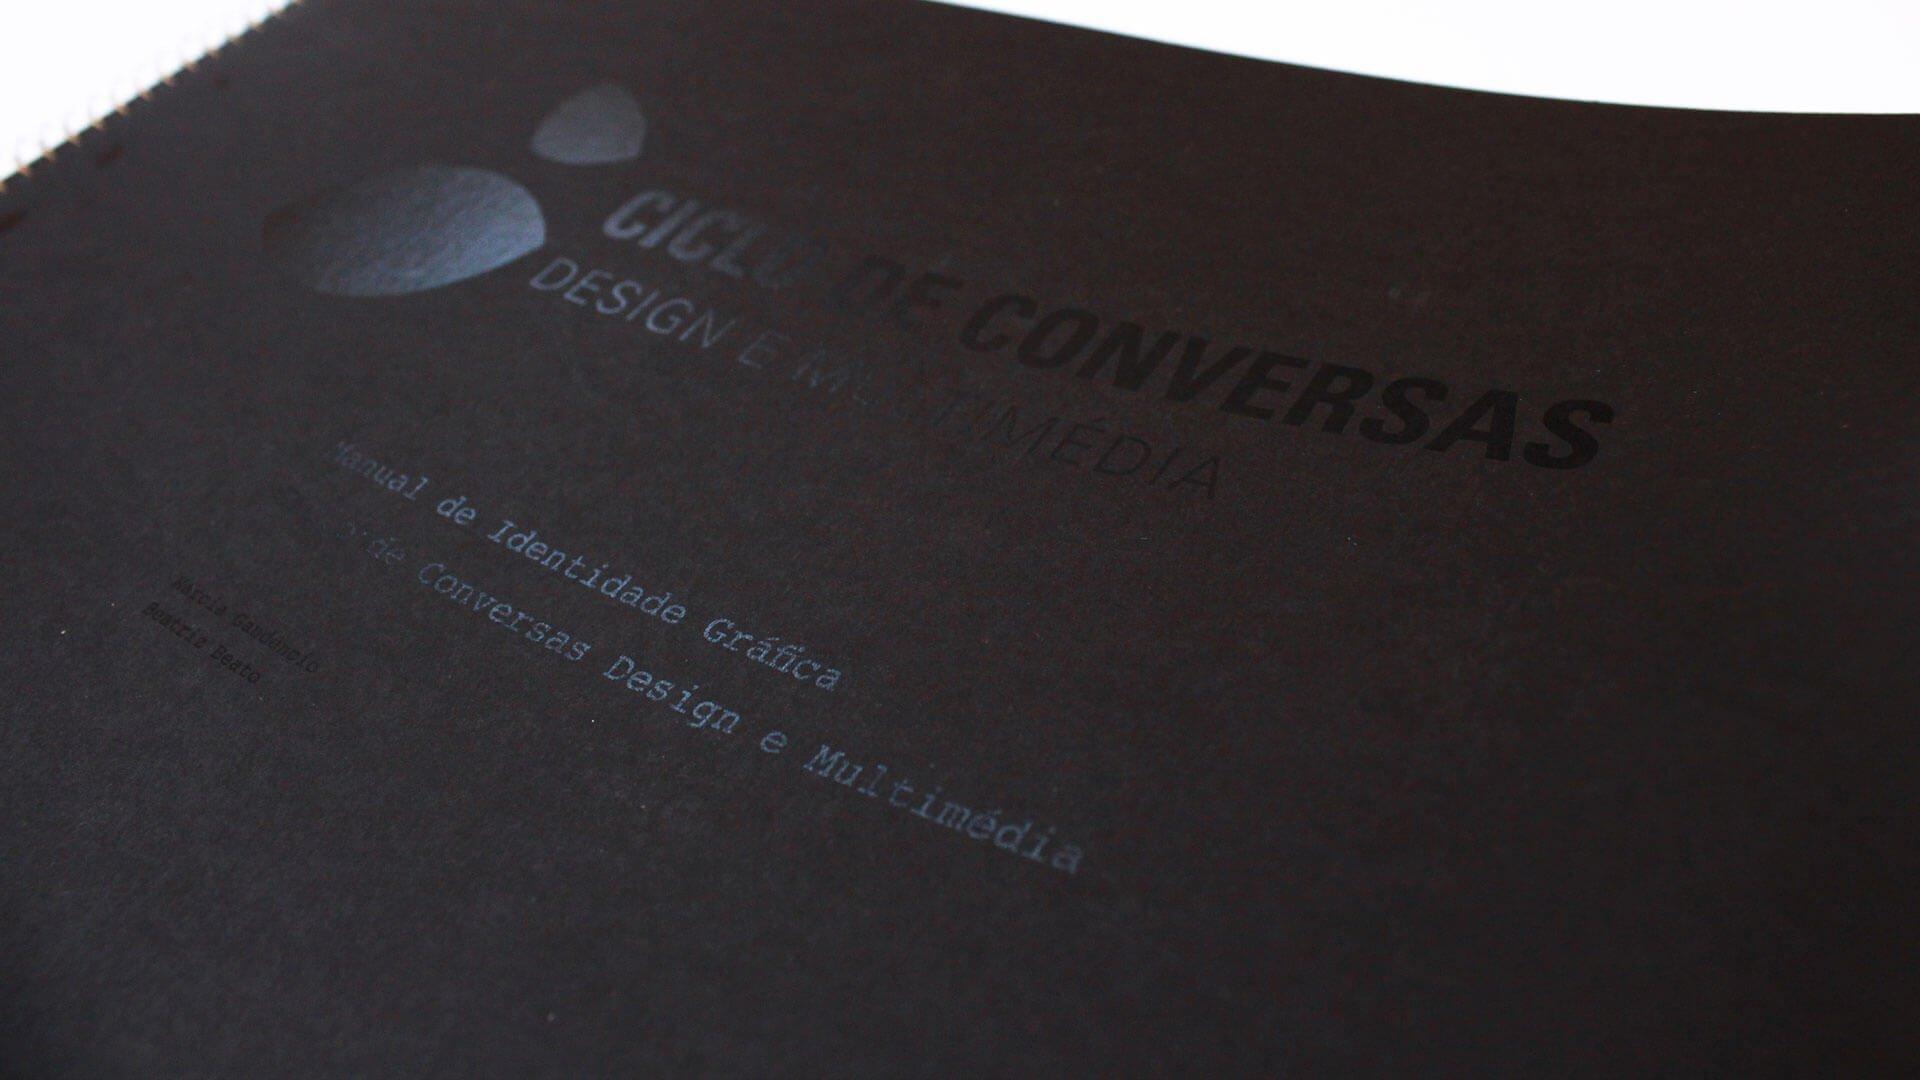 cc_branding_3